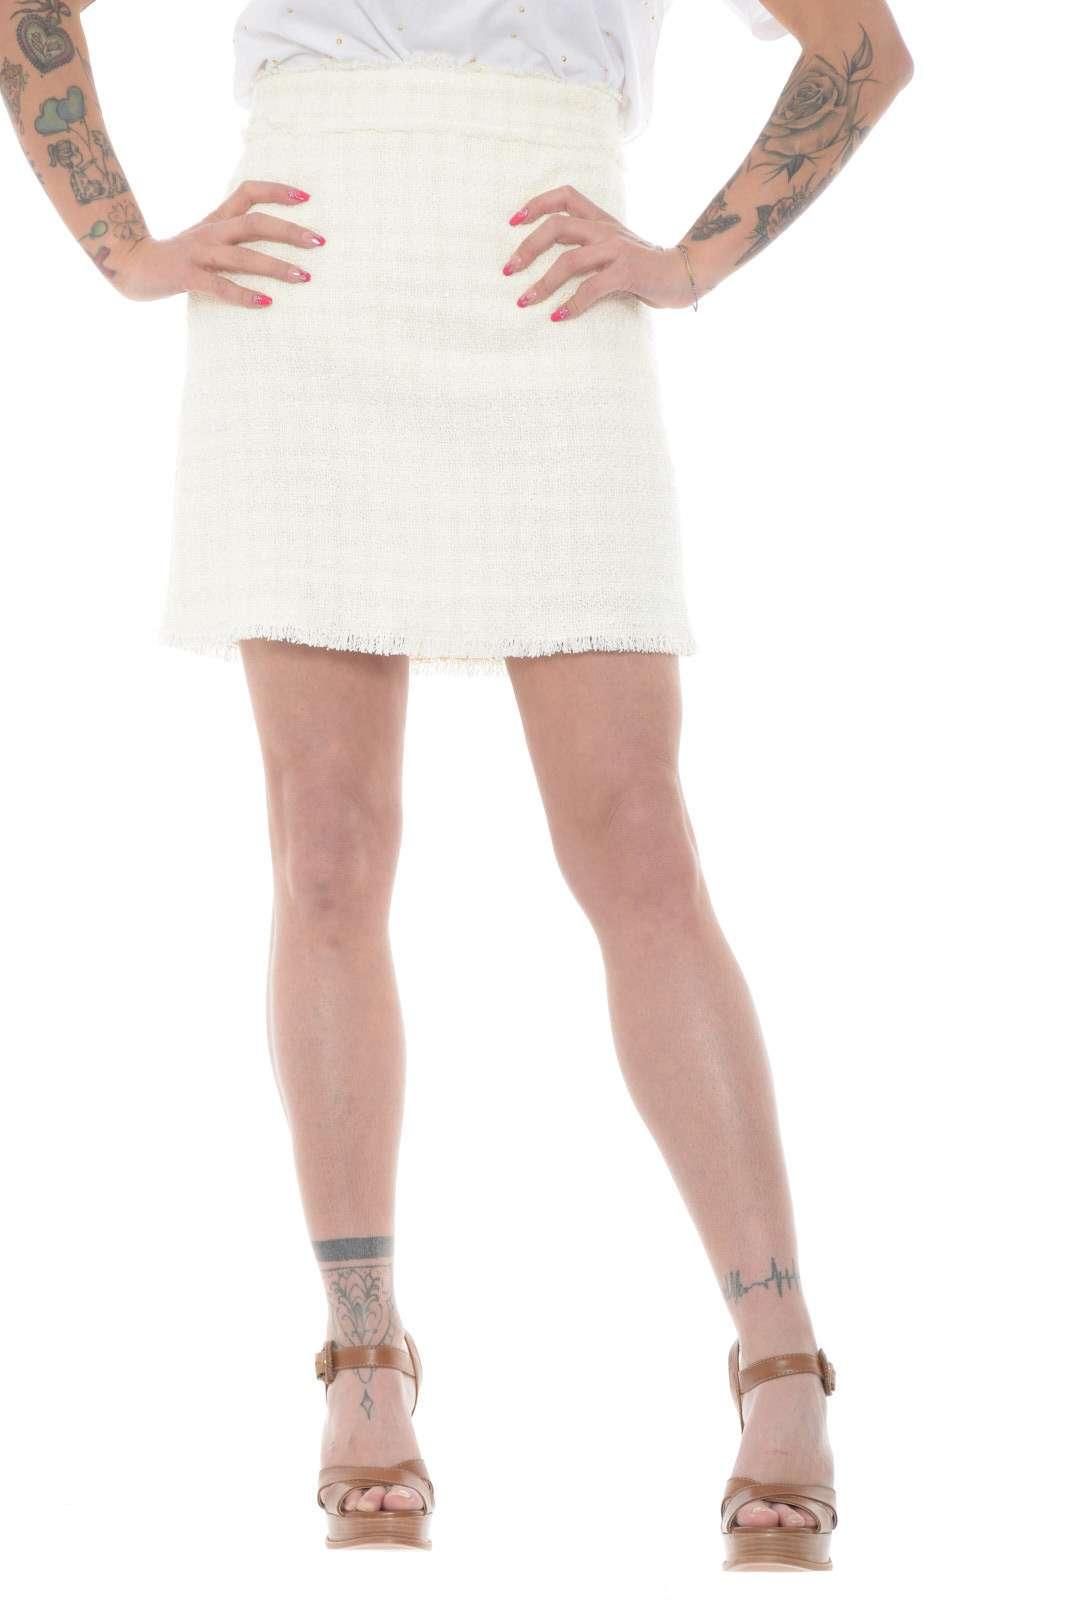 Un capo evergreen la gonna in Tweed LIRICO proposta dalla new collection donna Pinko. Il colore tinta unita è rifinito con dettagli sfrangiati per donare movimento ad un capo elegante e bon ton. Perfetto con bluse o top è un'icona della bella stagione.